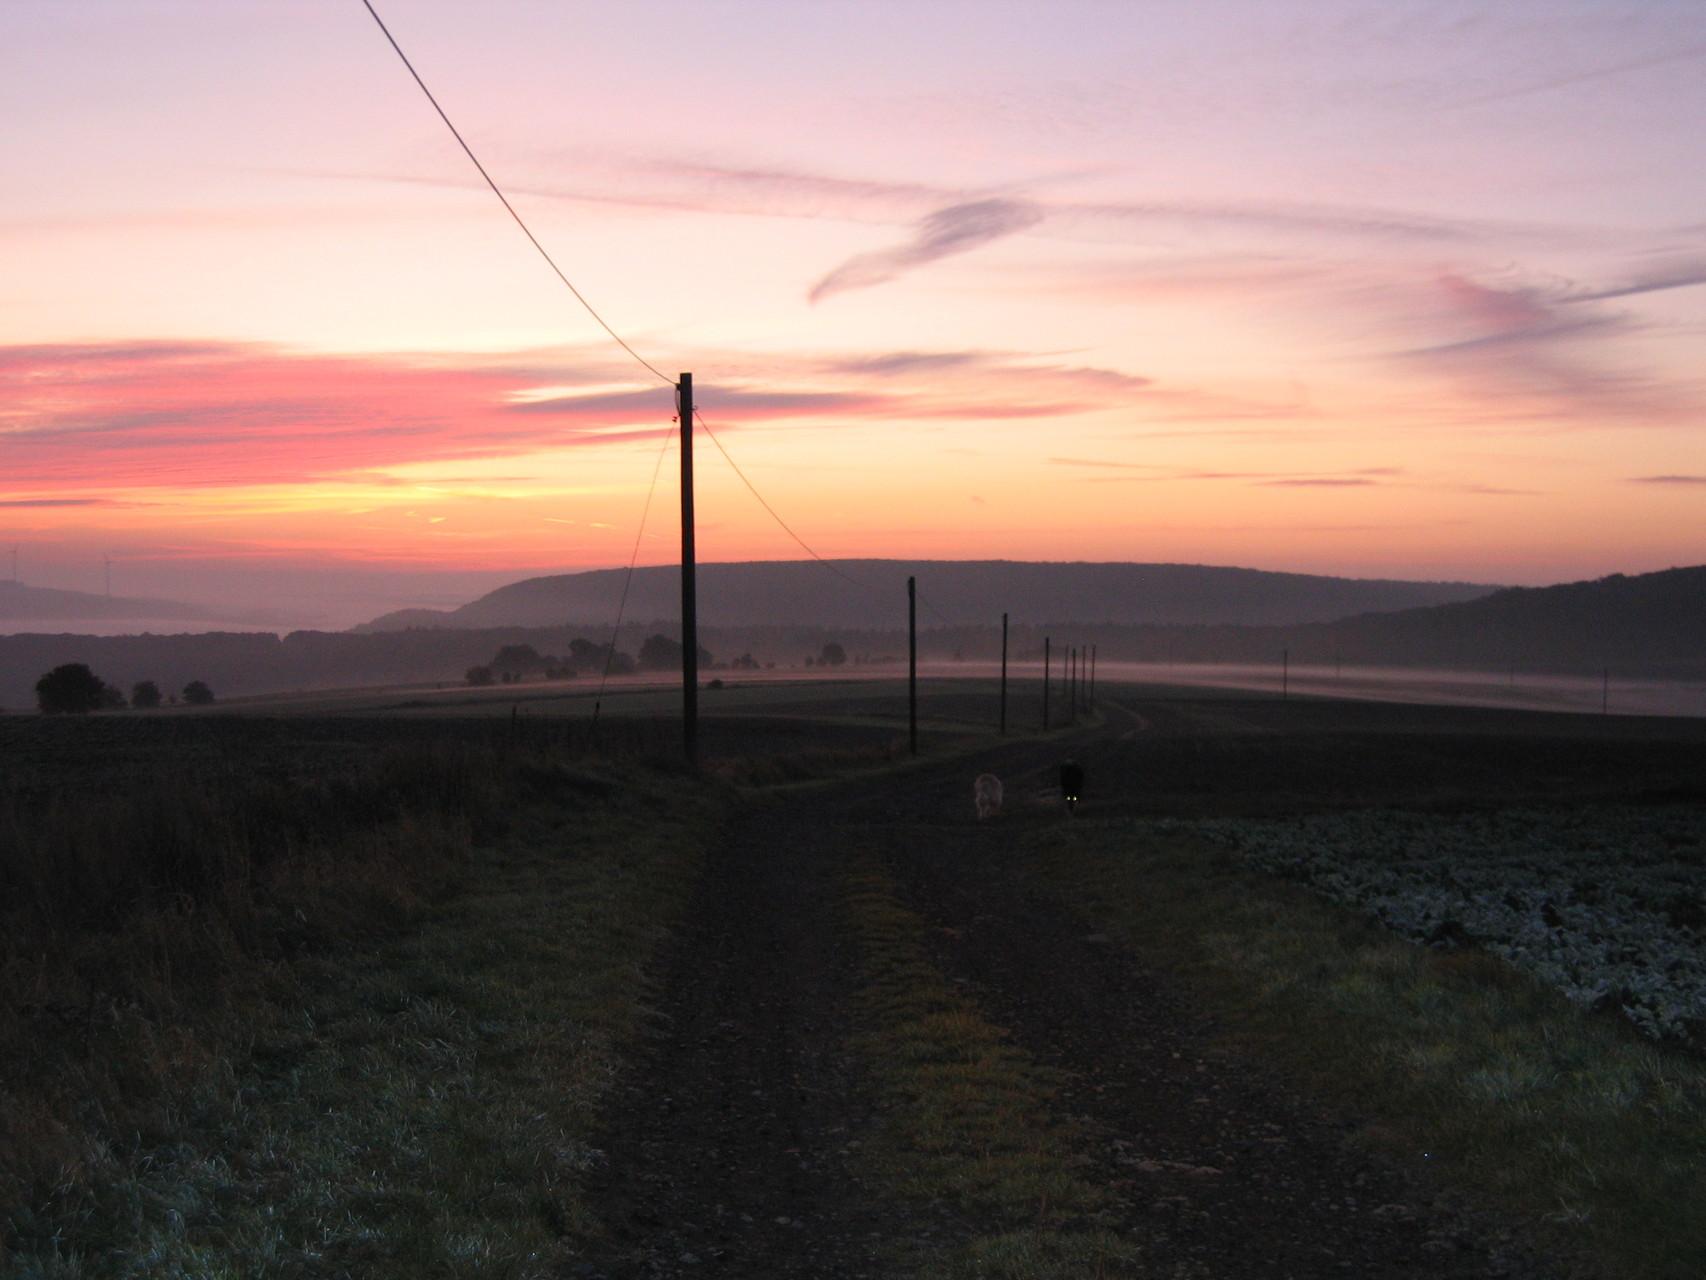 Sonnenuntergang in Odernheim